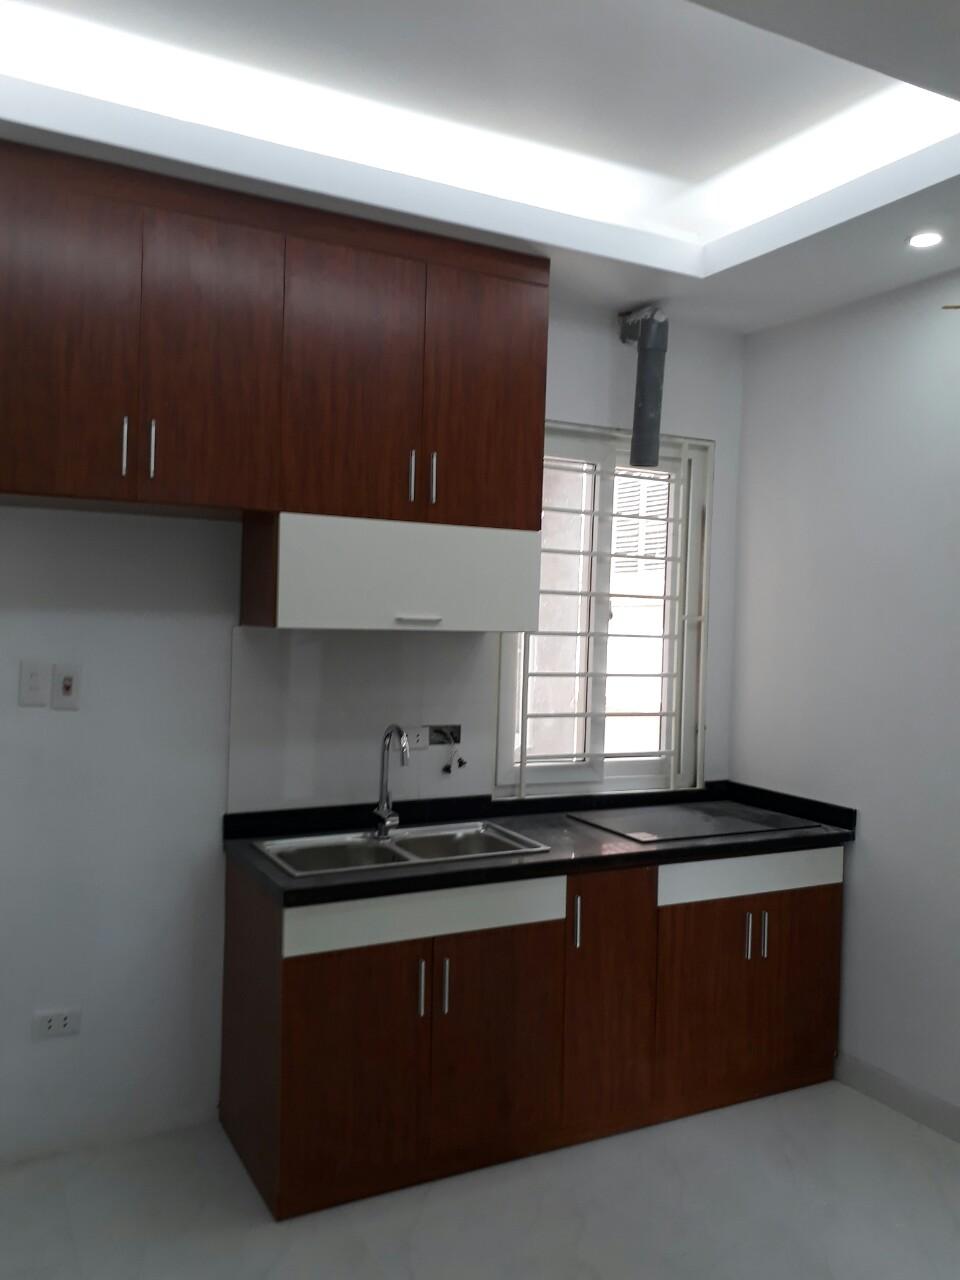 2 Bán căn hộ chung cư mini Trần Bình- Cầu giấy 27-48m2 đầy đủ tiện ích, có thể ở ngay